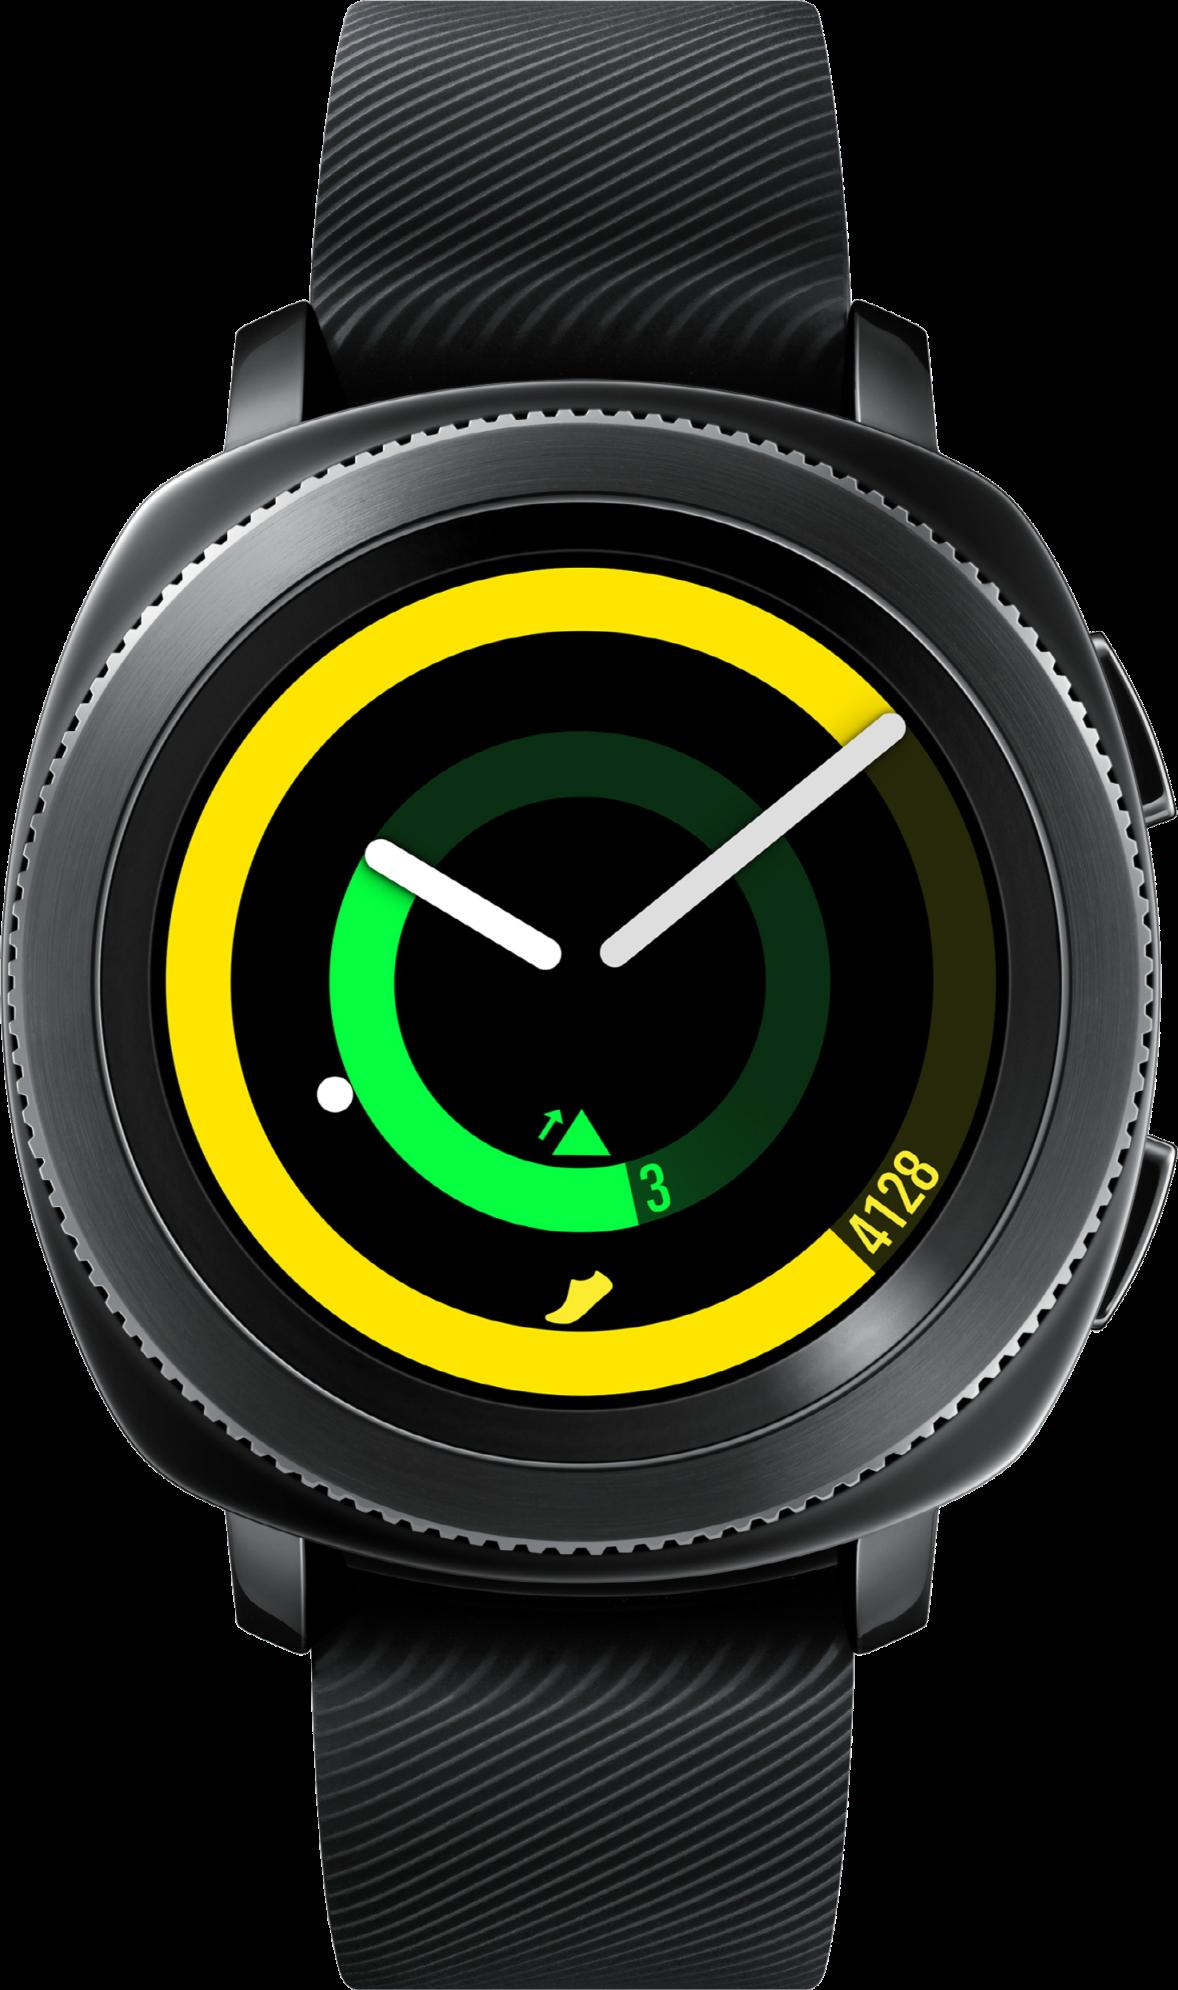 Смарт-часы SAMSUNG Gear Sport Black (SM-R600NZBA) купить по низкой цене в  Киеве 37f5e81962891